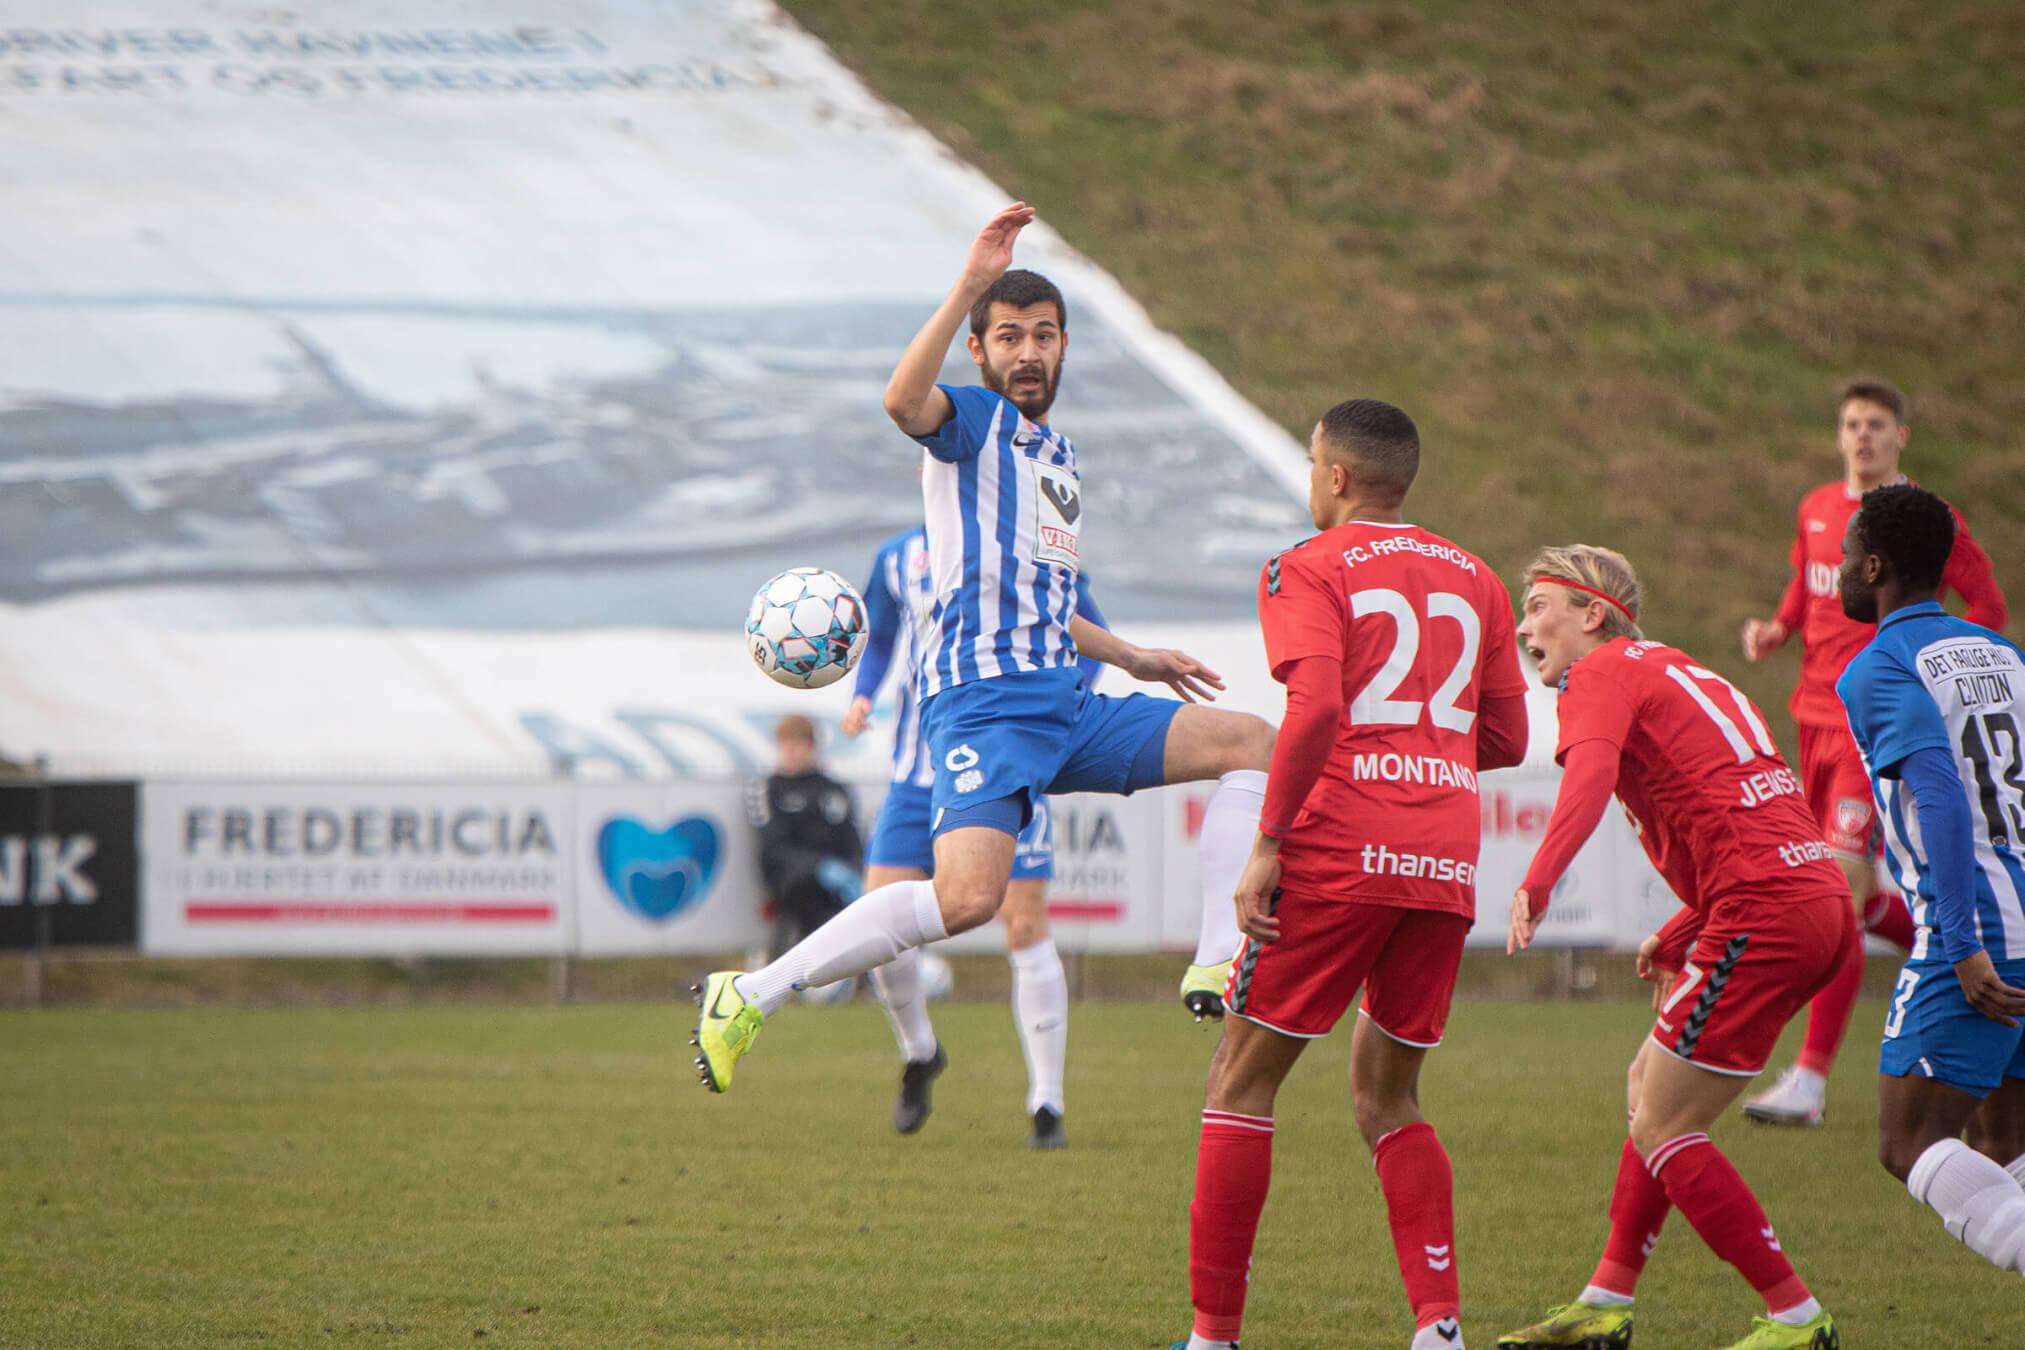 EfB vandt i Fredericia trods hektisk afslutning